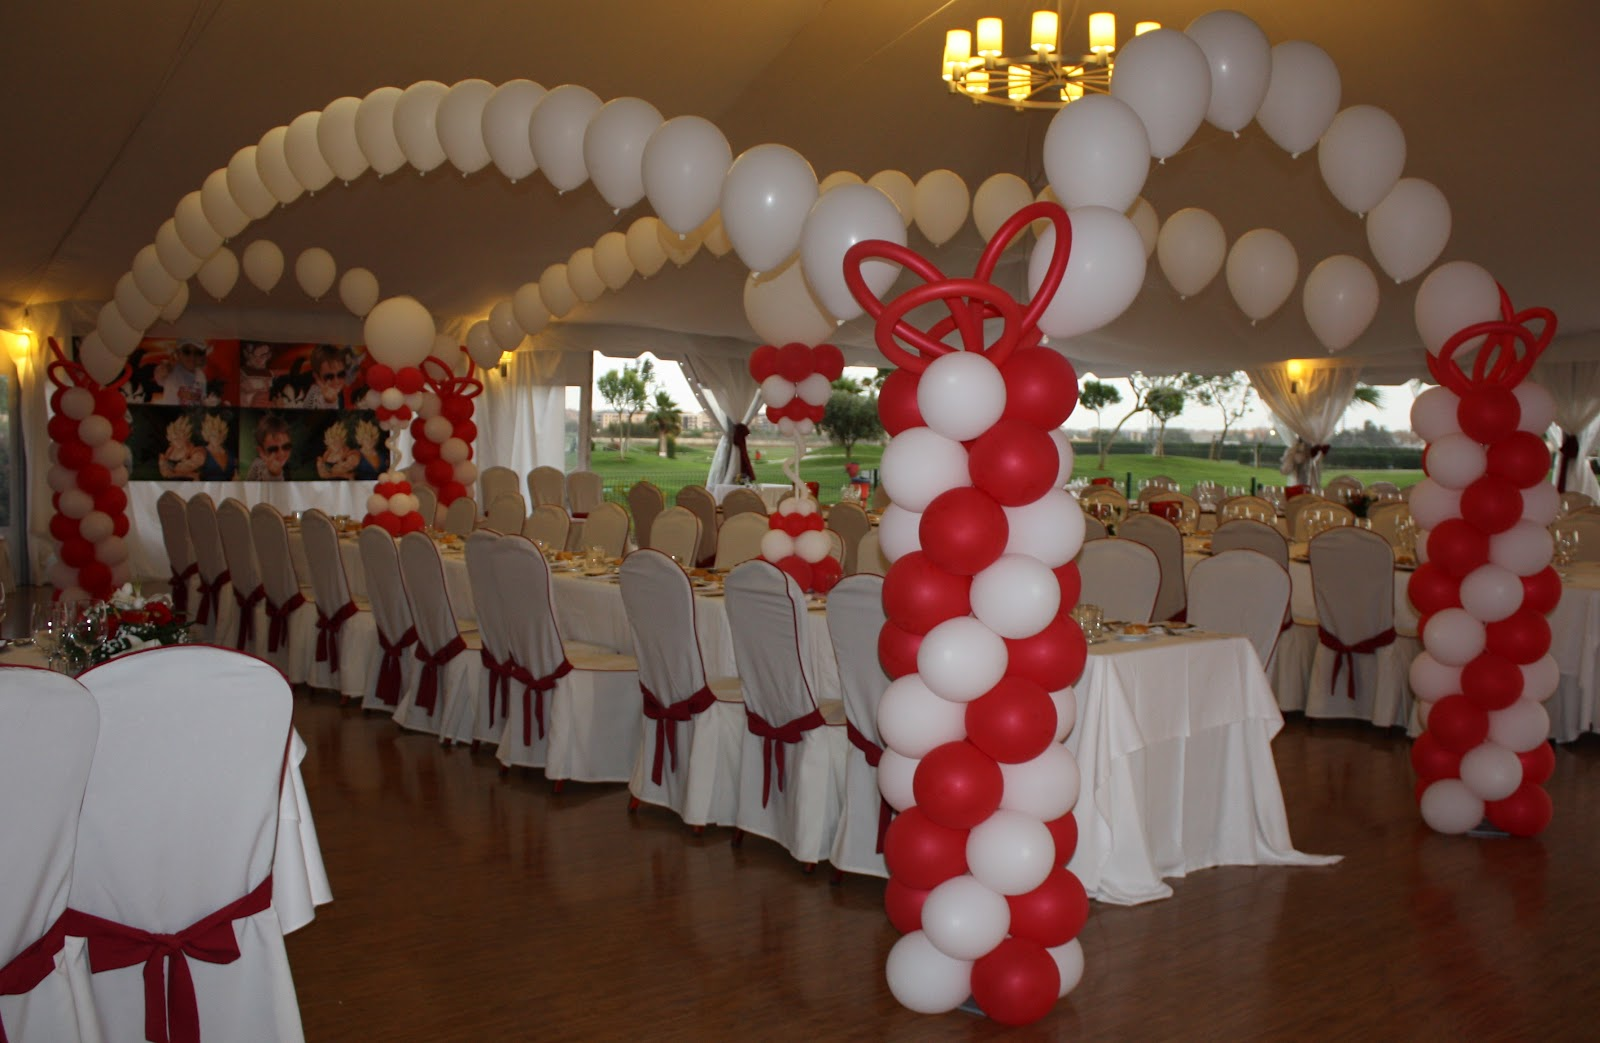 decoraciones-con-globos-para-una-boda-6